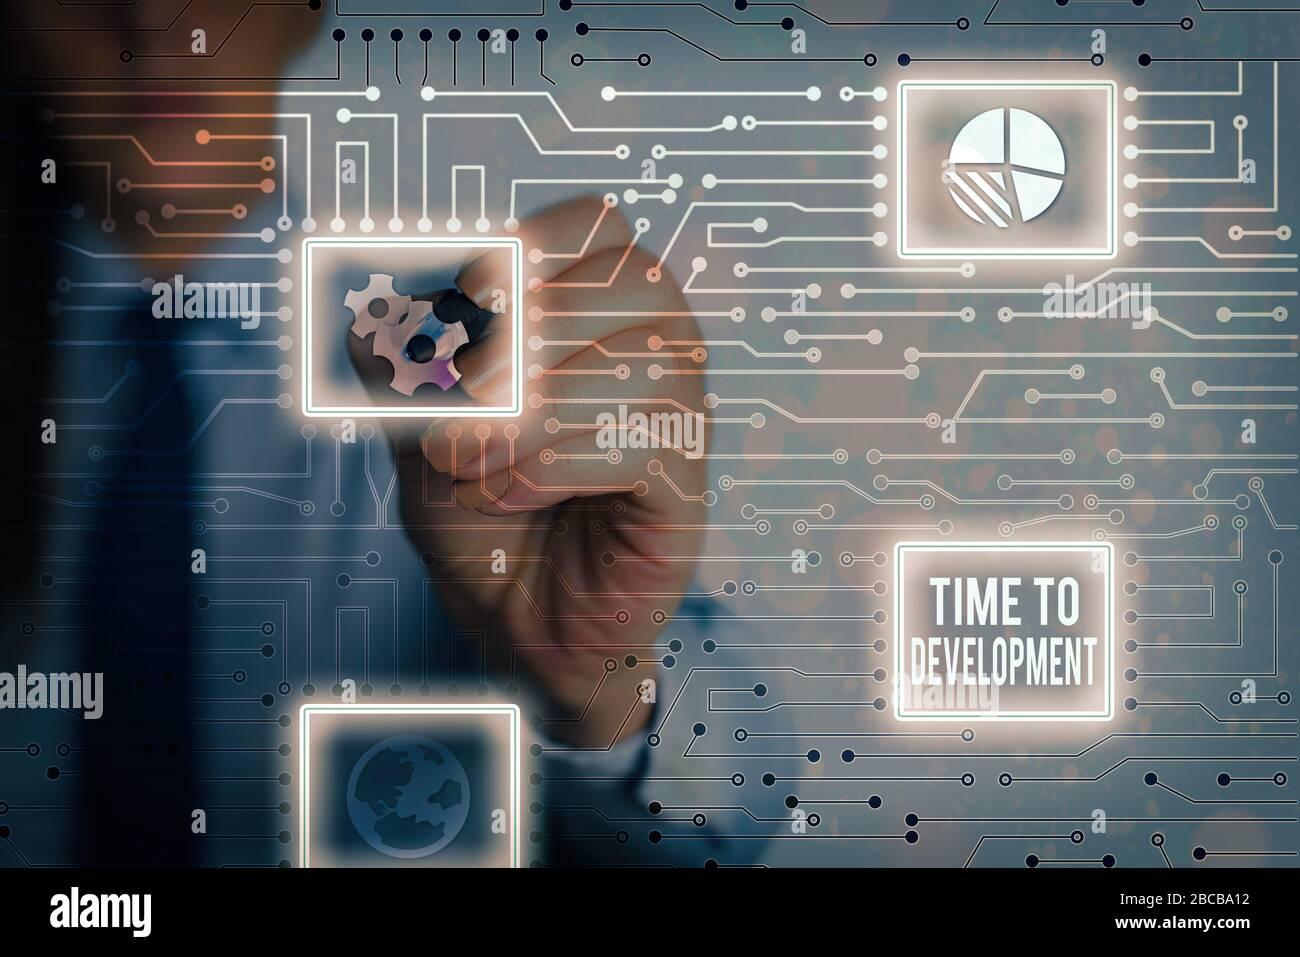 Tiempo de escritura de texto de Word para el desarrollo. Foto de negocios presenta una longitud de tiempo durante el cual una empresa crece o desarrollar Foto de stock